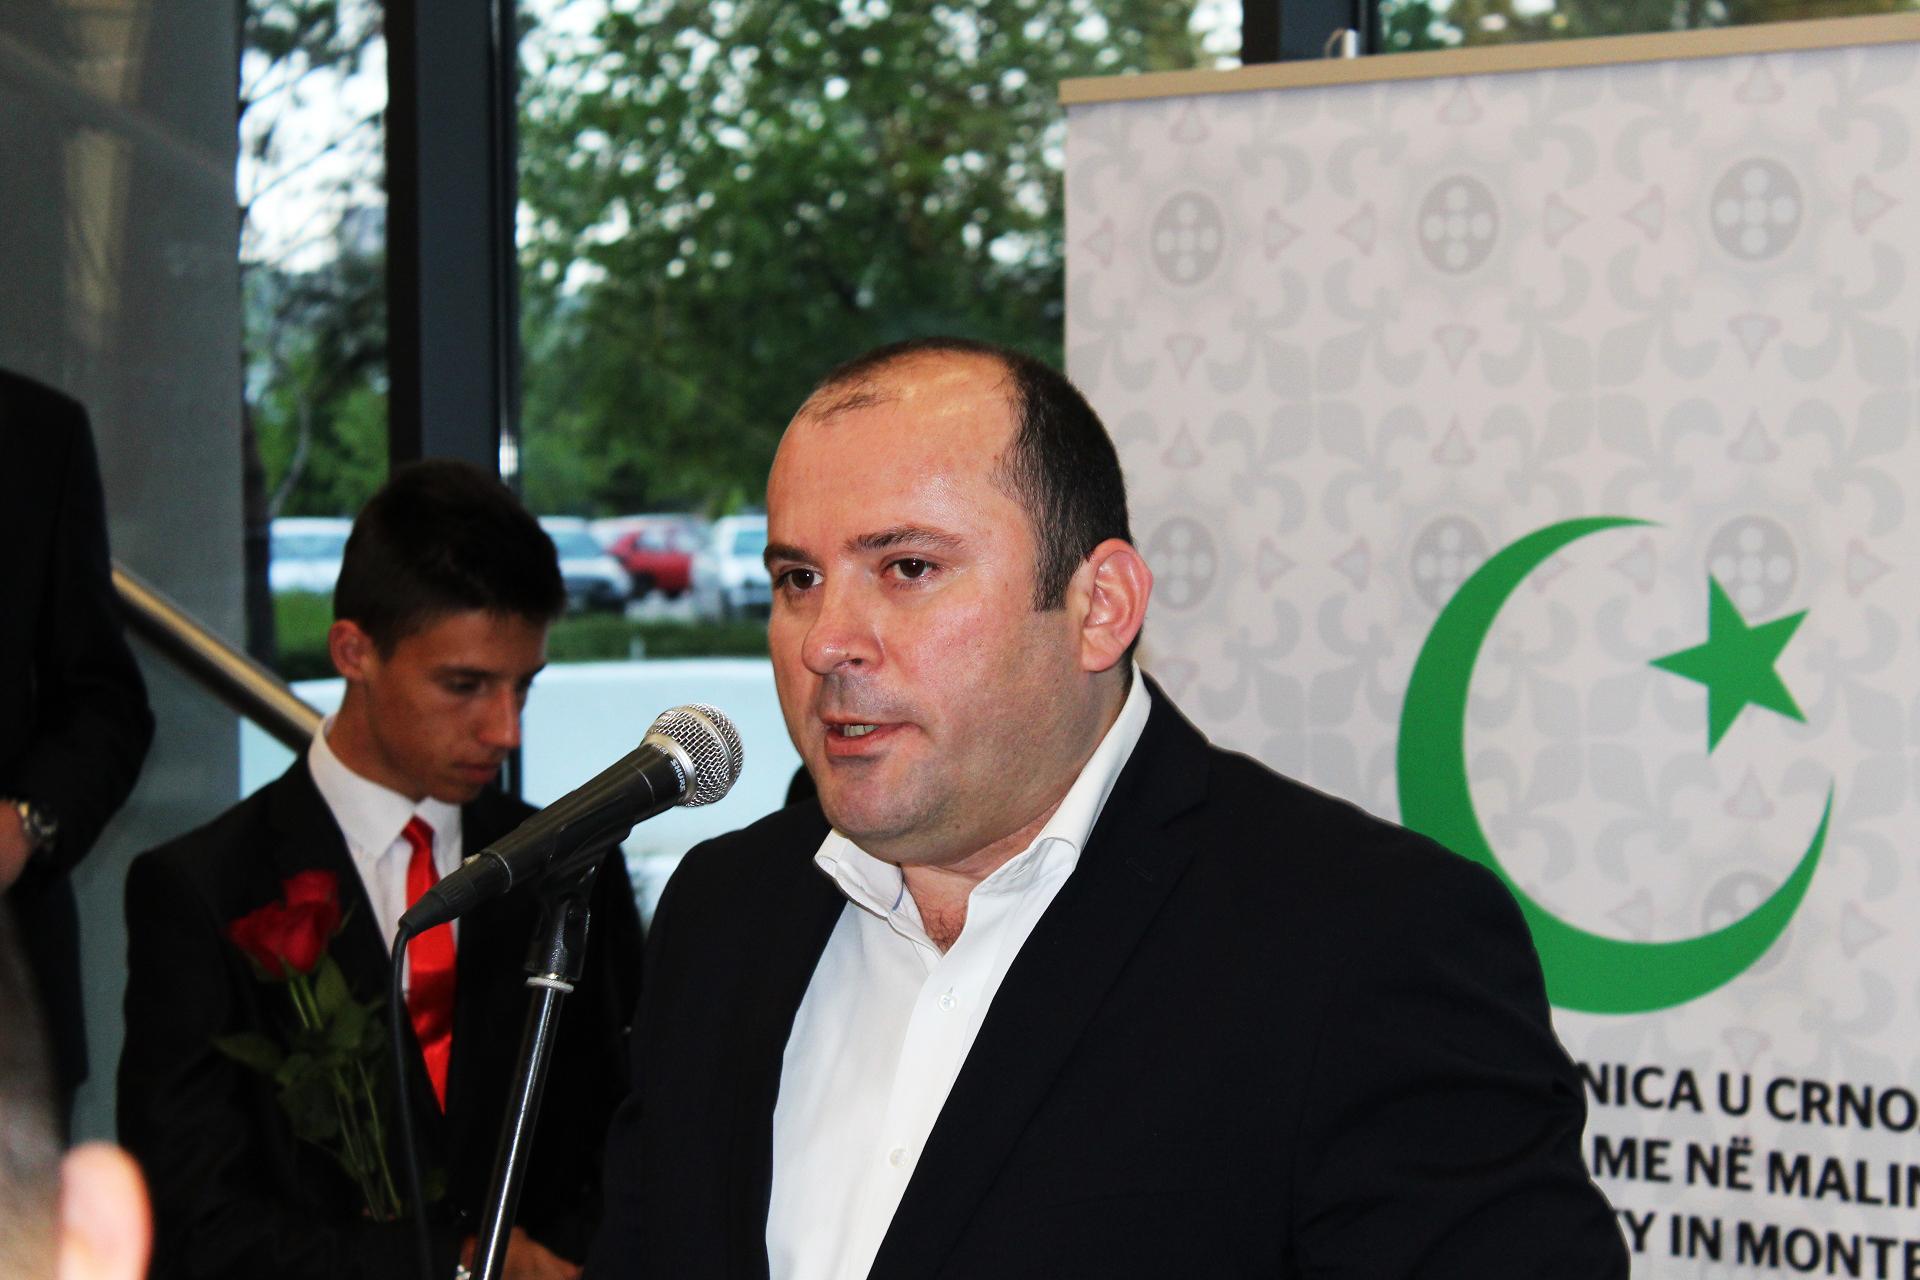 Ministar kulture i obrazovanja Crne Gore gospodin Pavle Goranović prilikom držanja govora na otvorenju Izložbe.